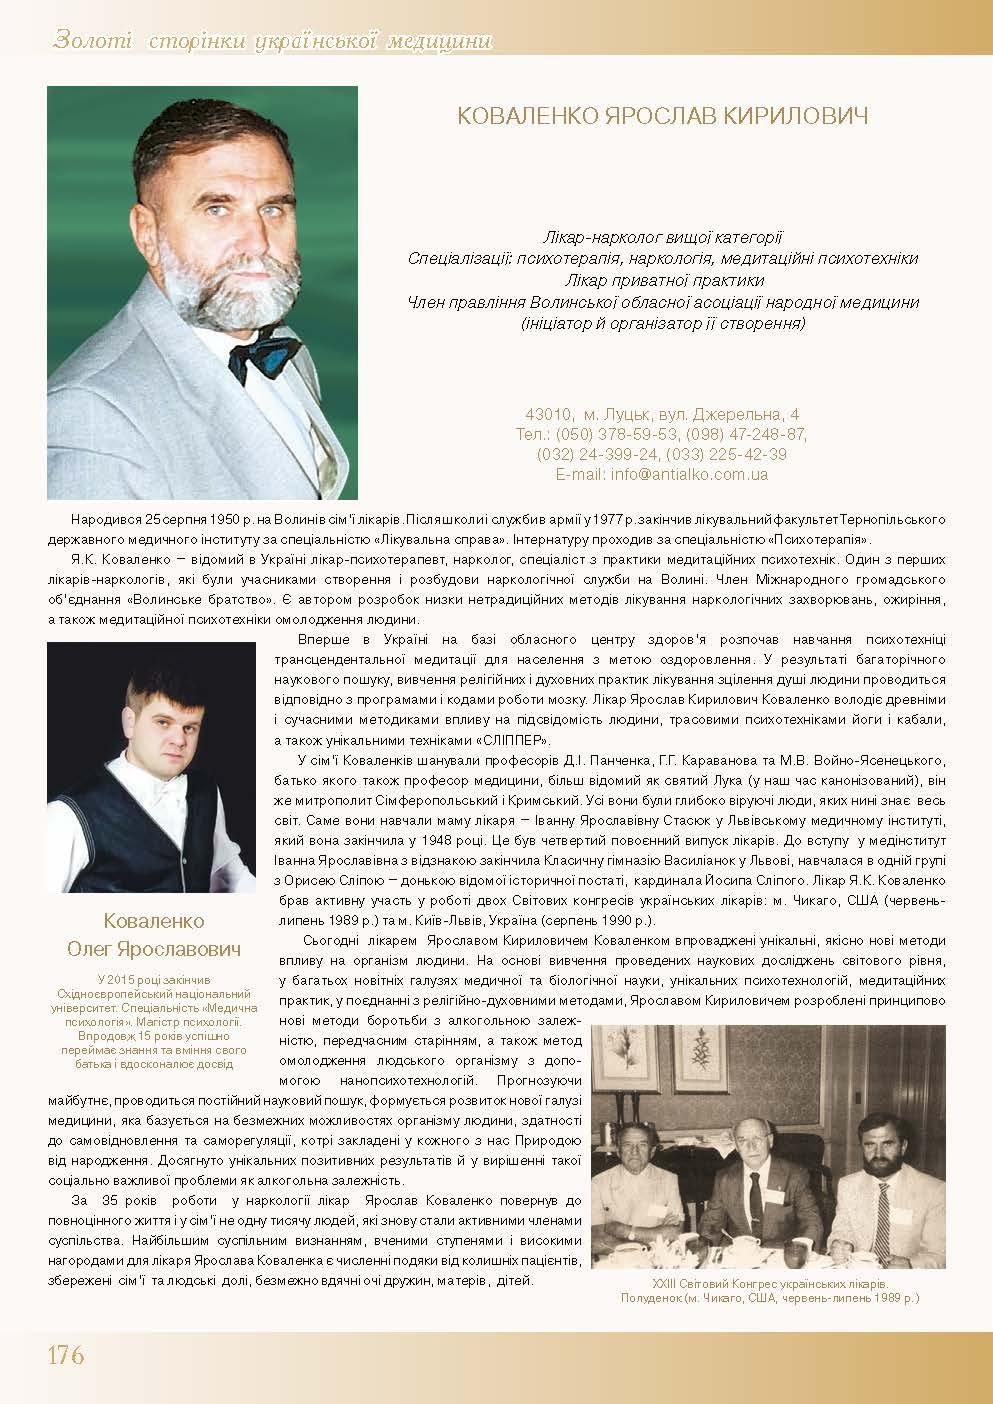 Коваленко Ярослав Кирилович